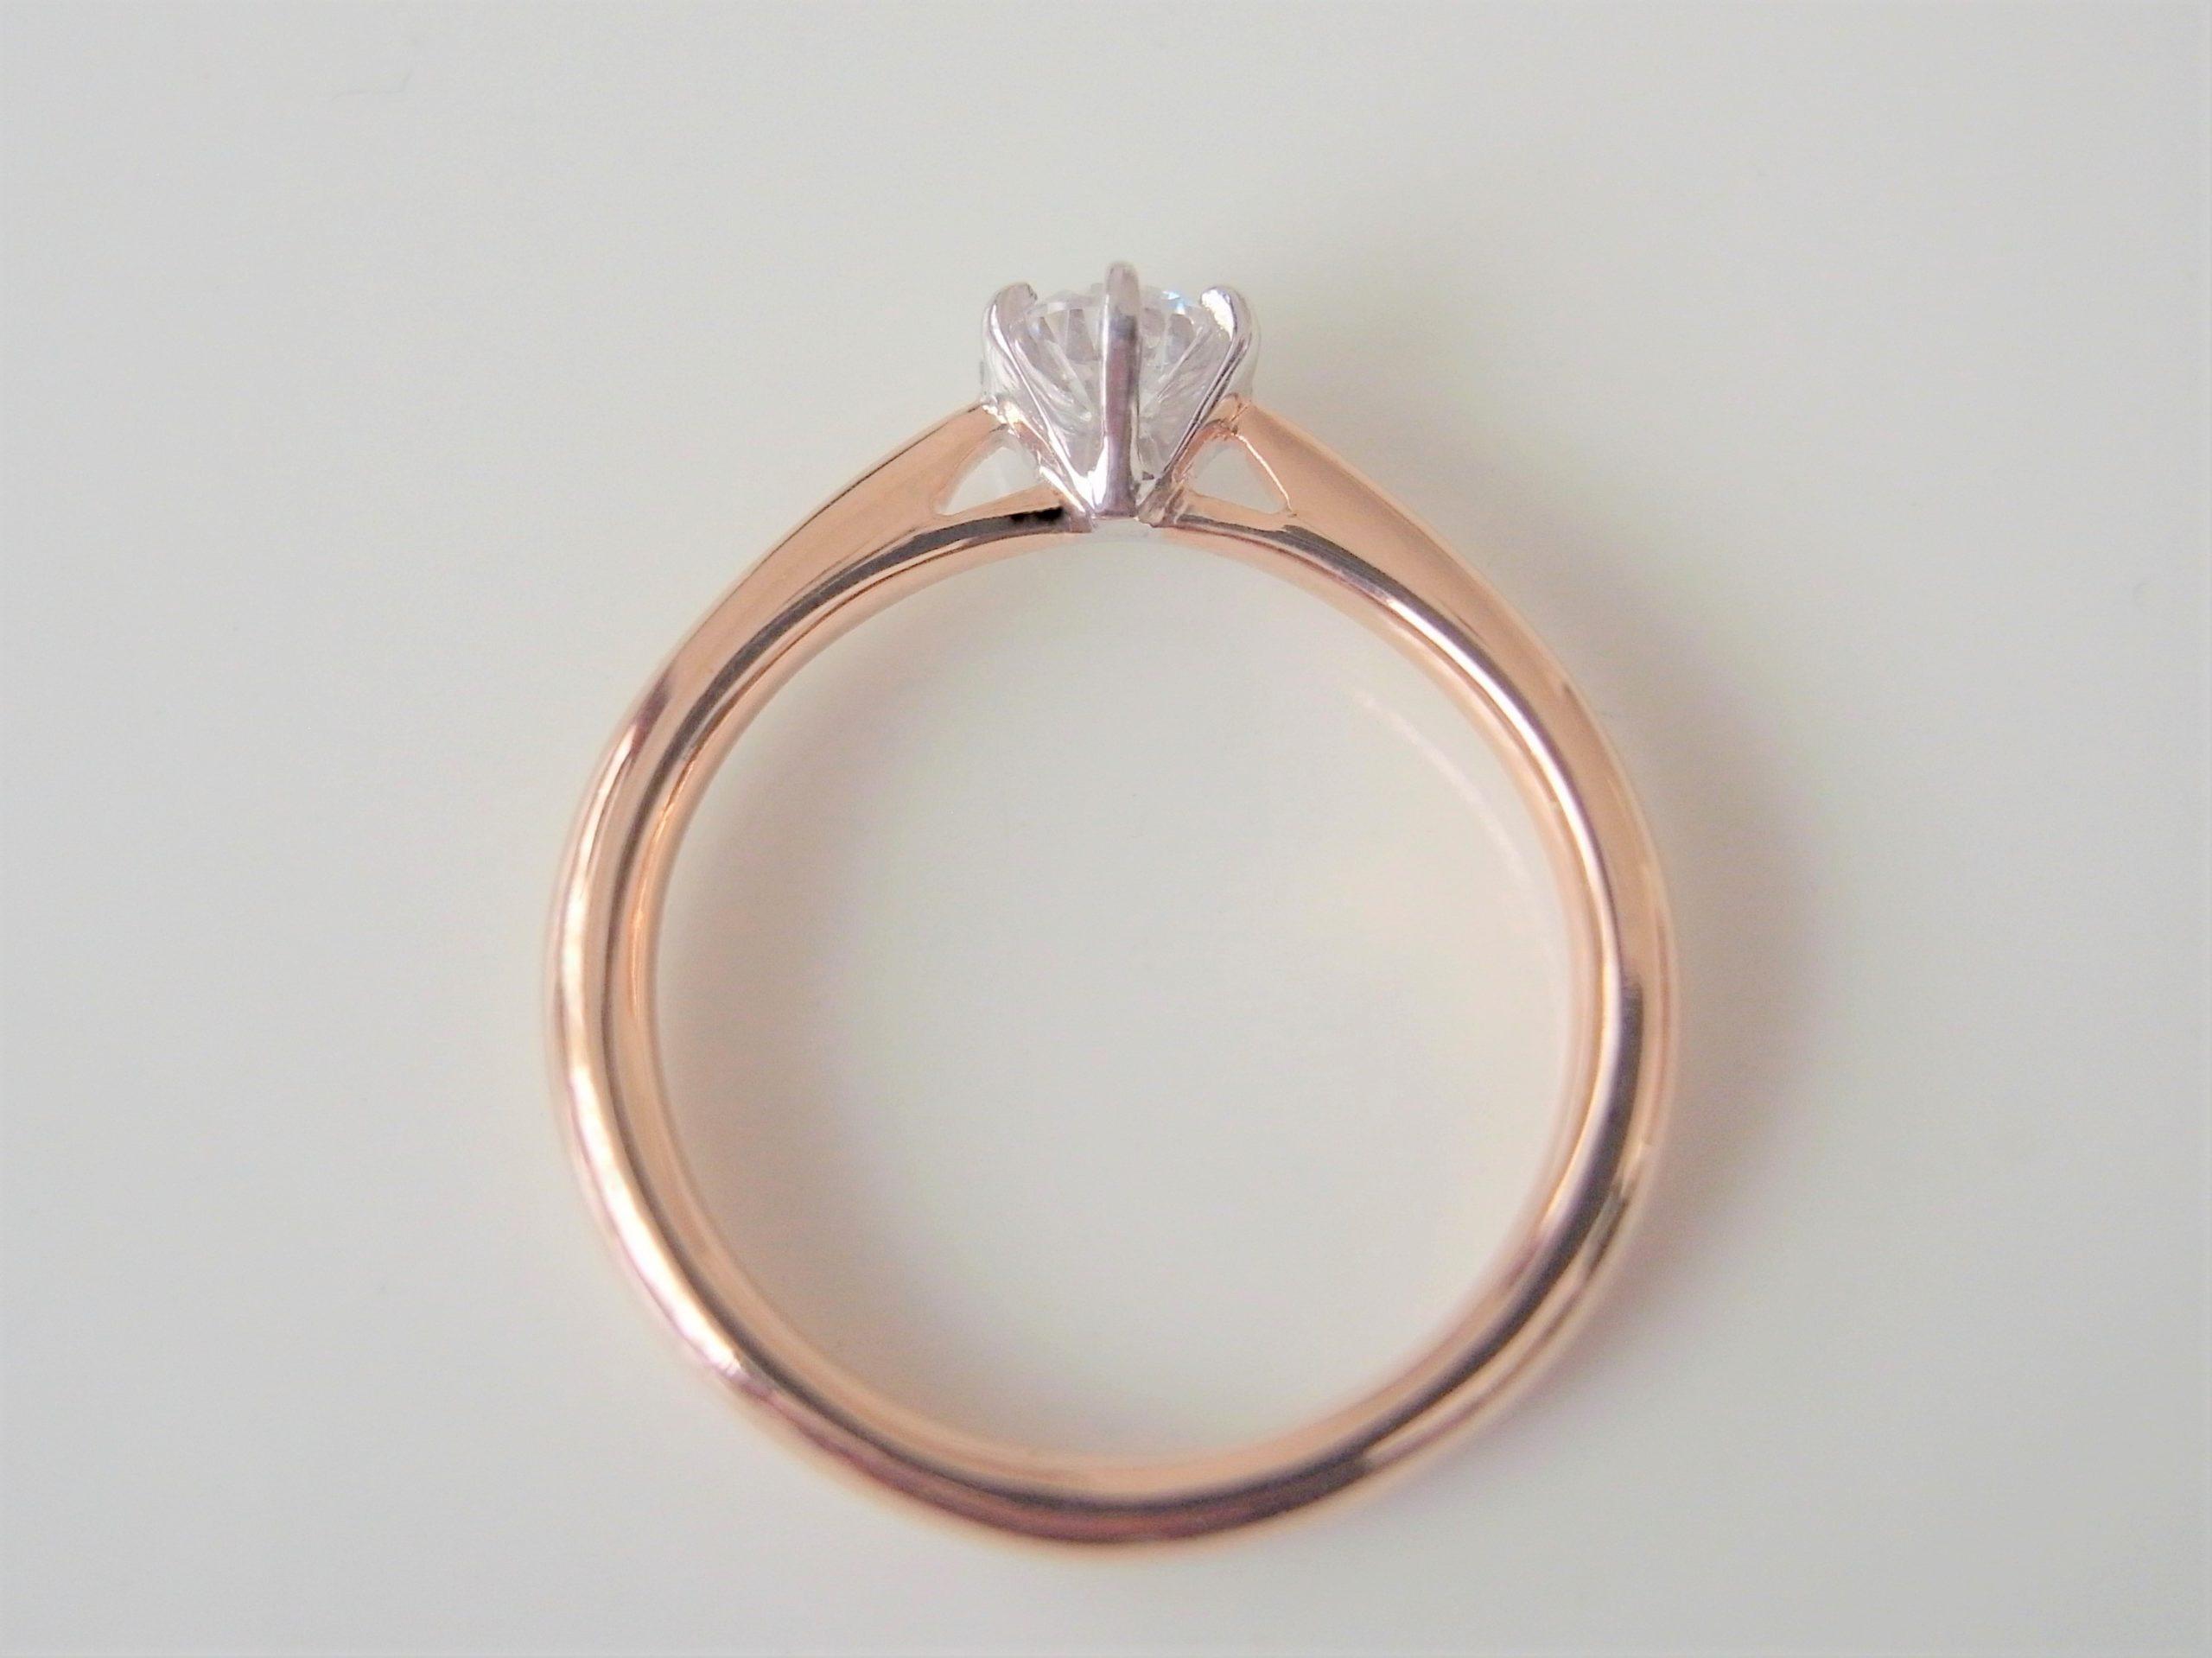 結婚指輪・婚約指輪のコンビカラーの指輪側面